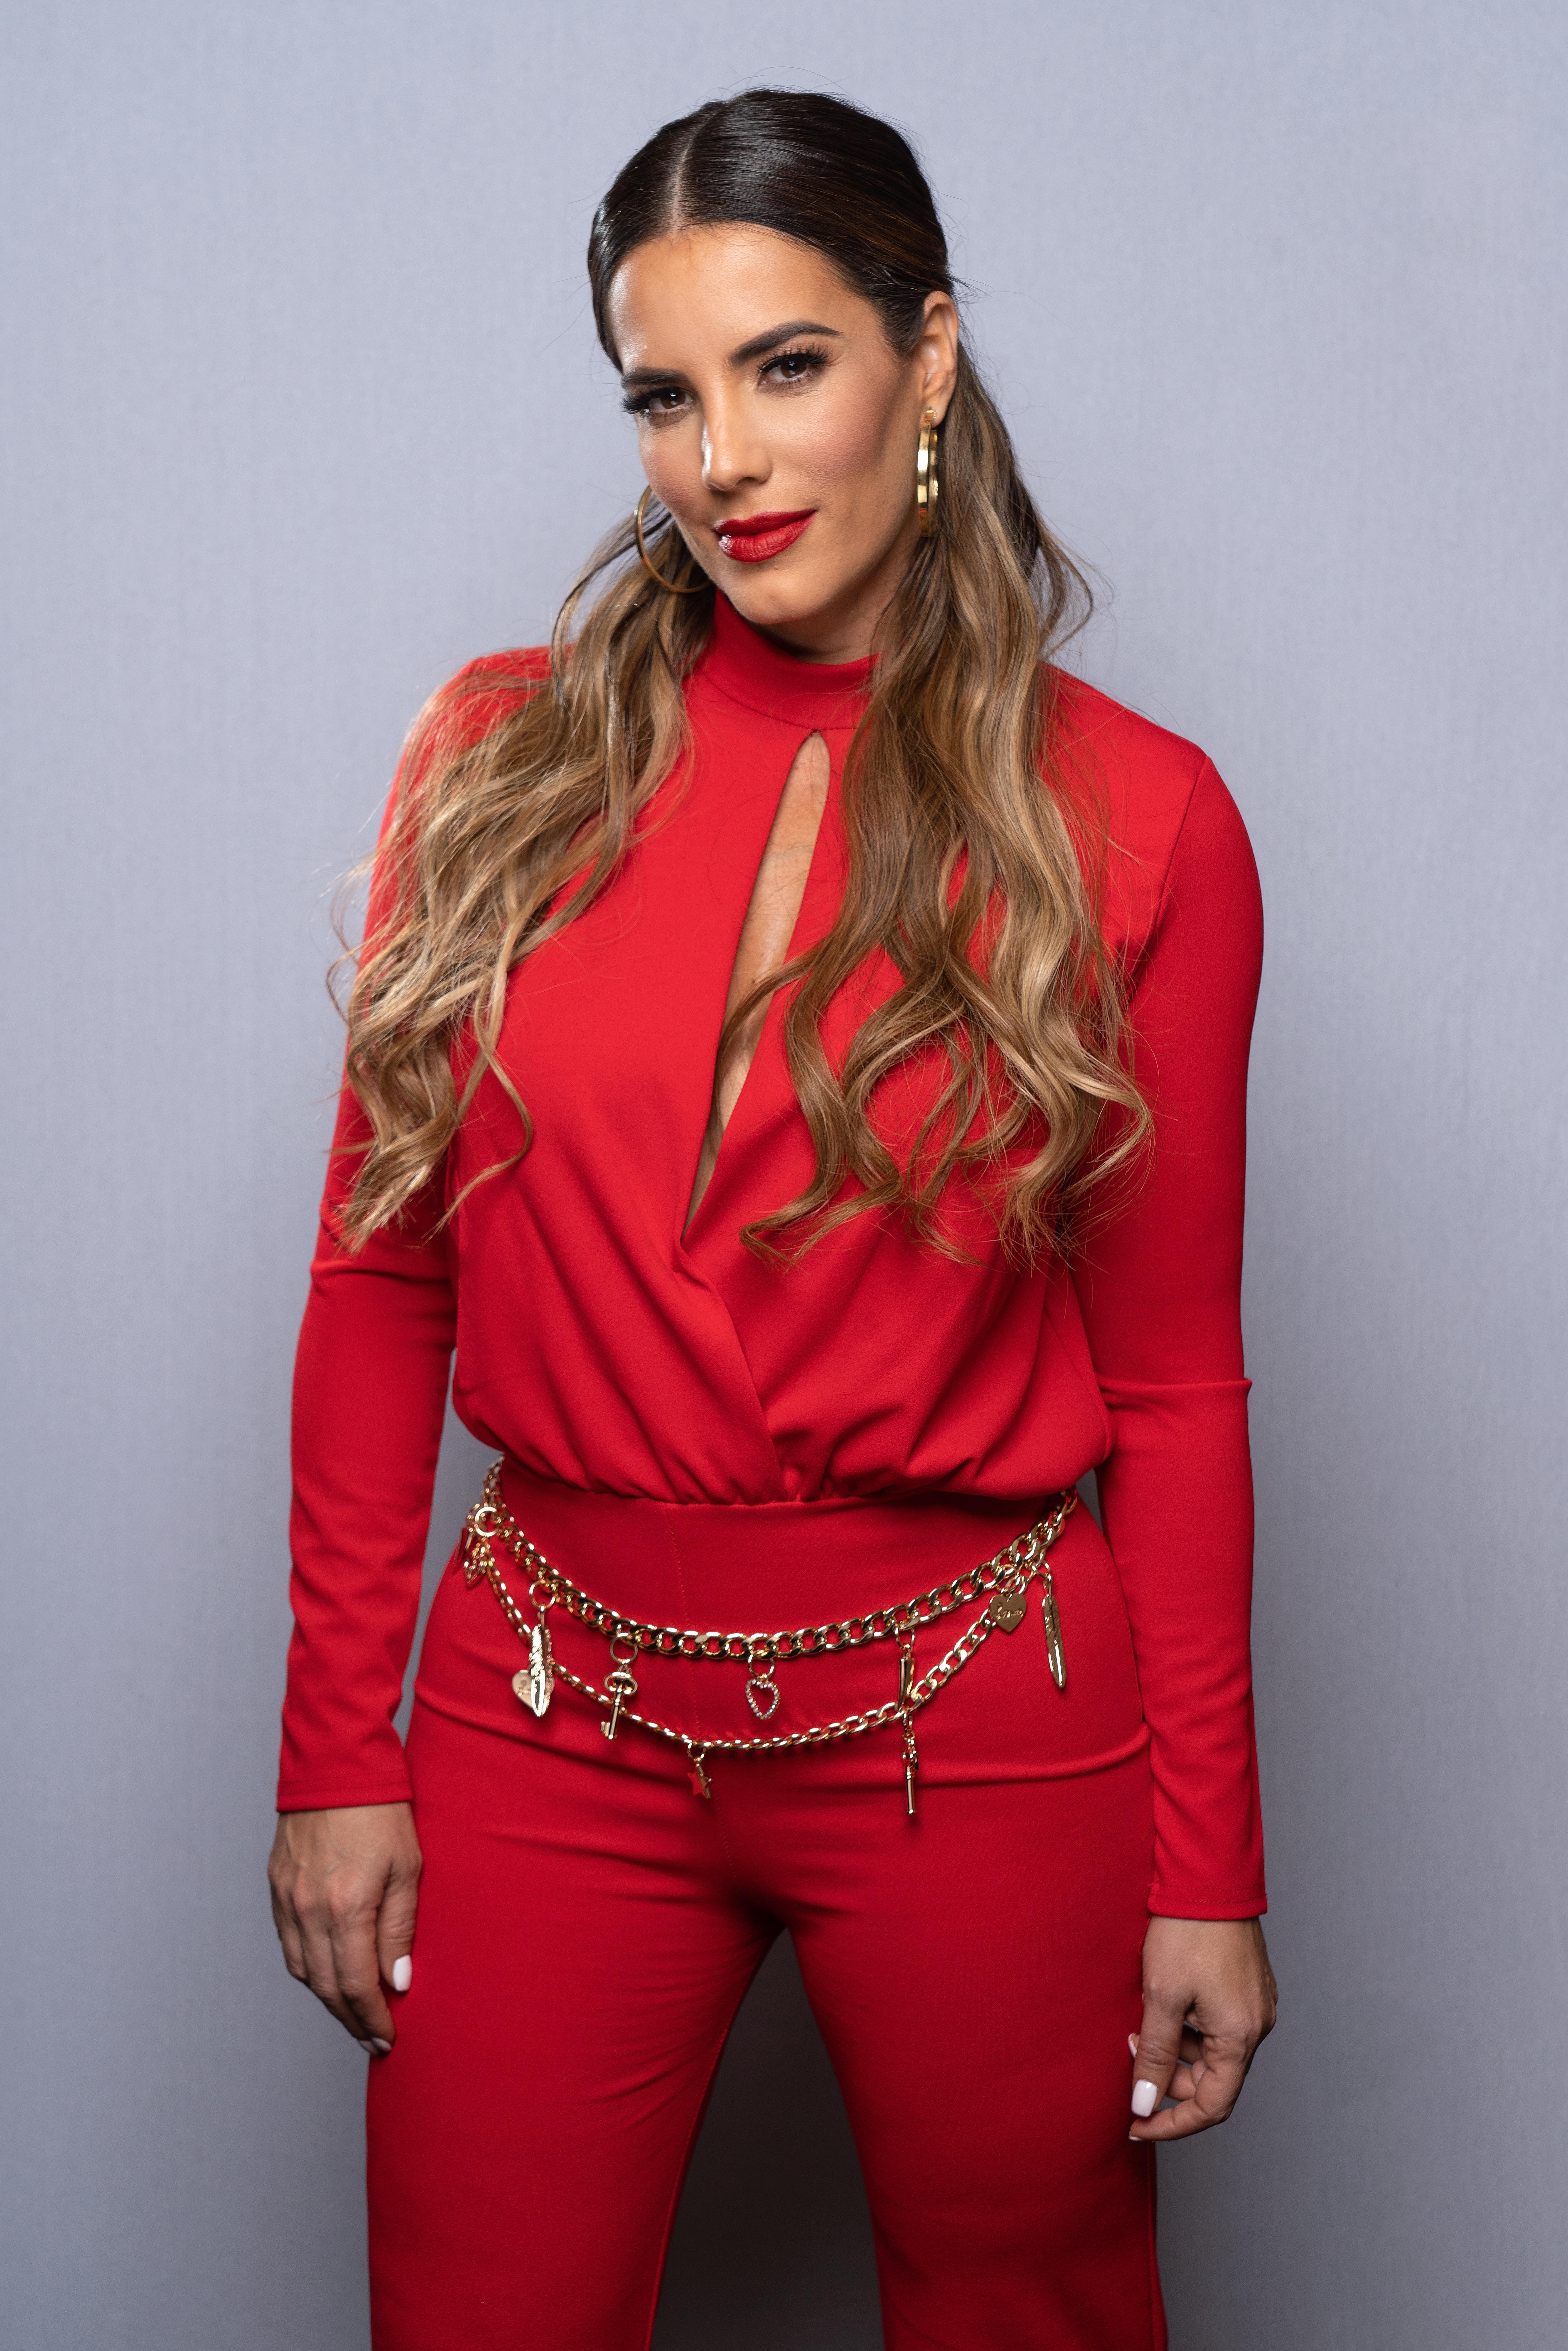 Gaby Espino, estilo, look, pantalones, outfit